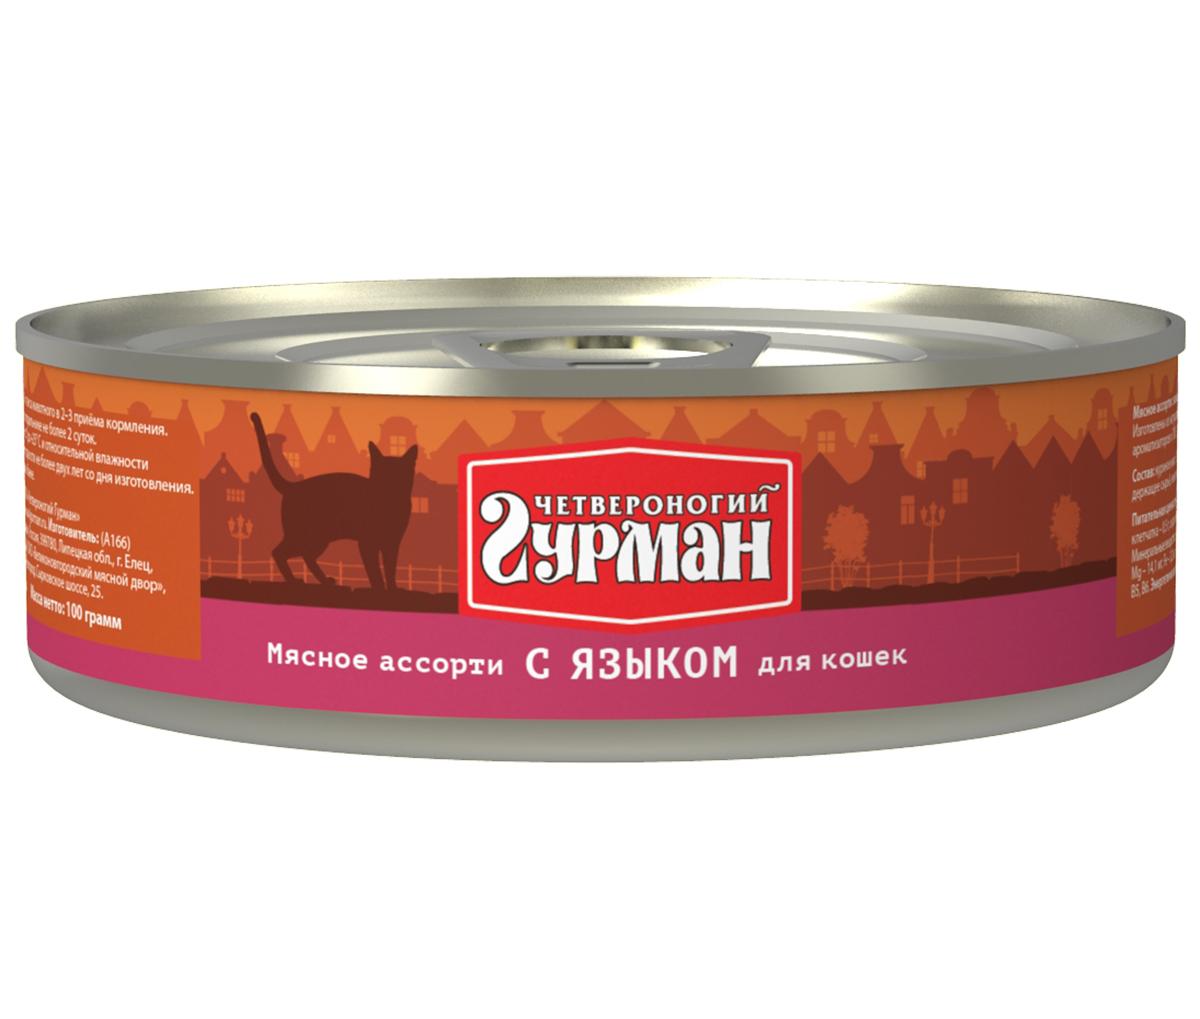 Консервы для кошек Четвероногий гурман Мясное ассорти, с языком, 100 г103201012Консервы для кошек Четвероногий гурман Мясное ассорти - это влажный мясной корм суперпремиум класса, состоящий из разных сортов мяса и качественных субпродуктов. Корм не содержит синтетических витаминно-минеральных комплексов, злаков, бобовых и овощей. Никаких искусственных компонентов в составе: только натуральное, экологически чистое мясо от проверенных поставщиков. По консистенции продукт представляет собой кусочки из фарша размером 3-15 мм. В состав входит коллаген. Его компоненты (хондроитин и глюкозамин) положительно воздействуют на суставы питомца. Состав: куриное мясо (32%), язык (6%), сердце, легкое, печень, коллагенсодержащее сырье, животный белок, масло растительное, таурин, вода. Пищевая ценность (в 100 г продукта): протеин 12,3 г, жир 7,2 г, клетчатка 0,5 г, зола 2 г, таурин 0,2 г, влага 82 г. Минеральные вещества: P 137,4 мг, Ca 9,05 мг, Na 123,48 мг, Cl 148,7 мг, Mg 14,1 мг, Fe 3,2 мг, Сu 225,4 мкг, I 2,5 мкг. Витамины: A, E, B1, B2, B3, B5, B6. Энергетическая ценность: 114 ккал.Товар сертифицирован.